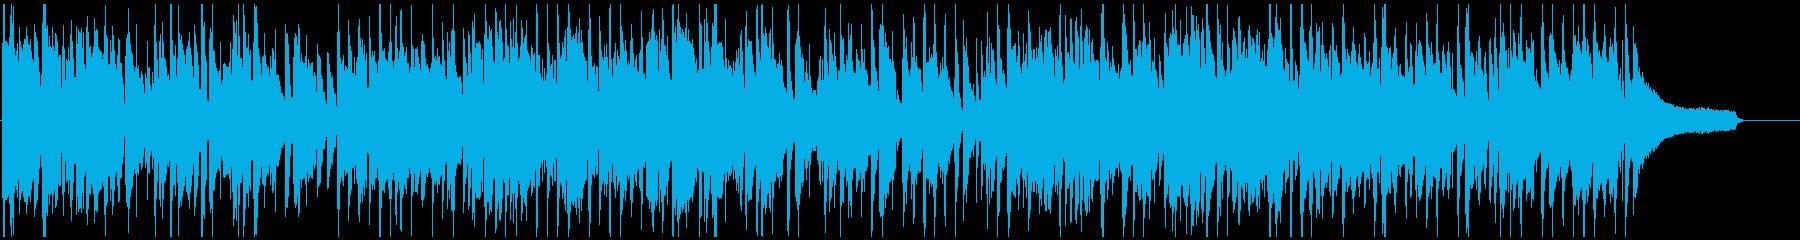 ソプラノ・サックス、都会的なクラブジャズの再生済みの波形